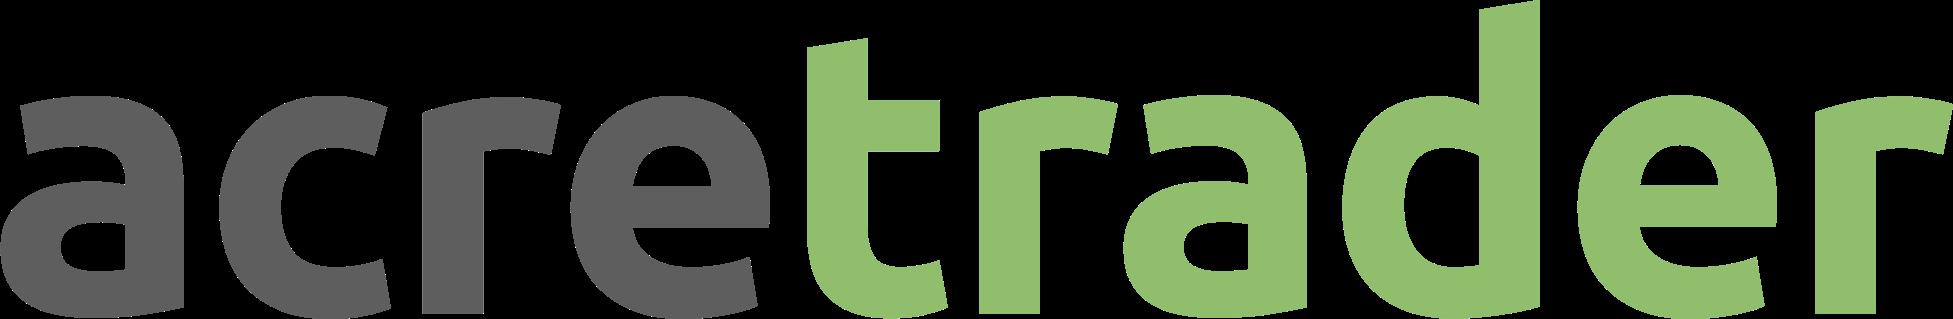 AcreTrader logo transparent